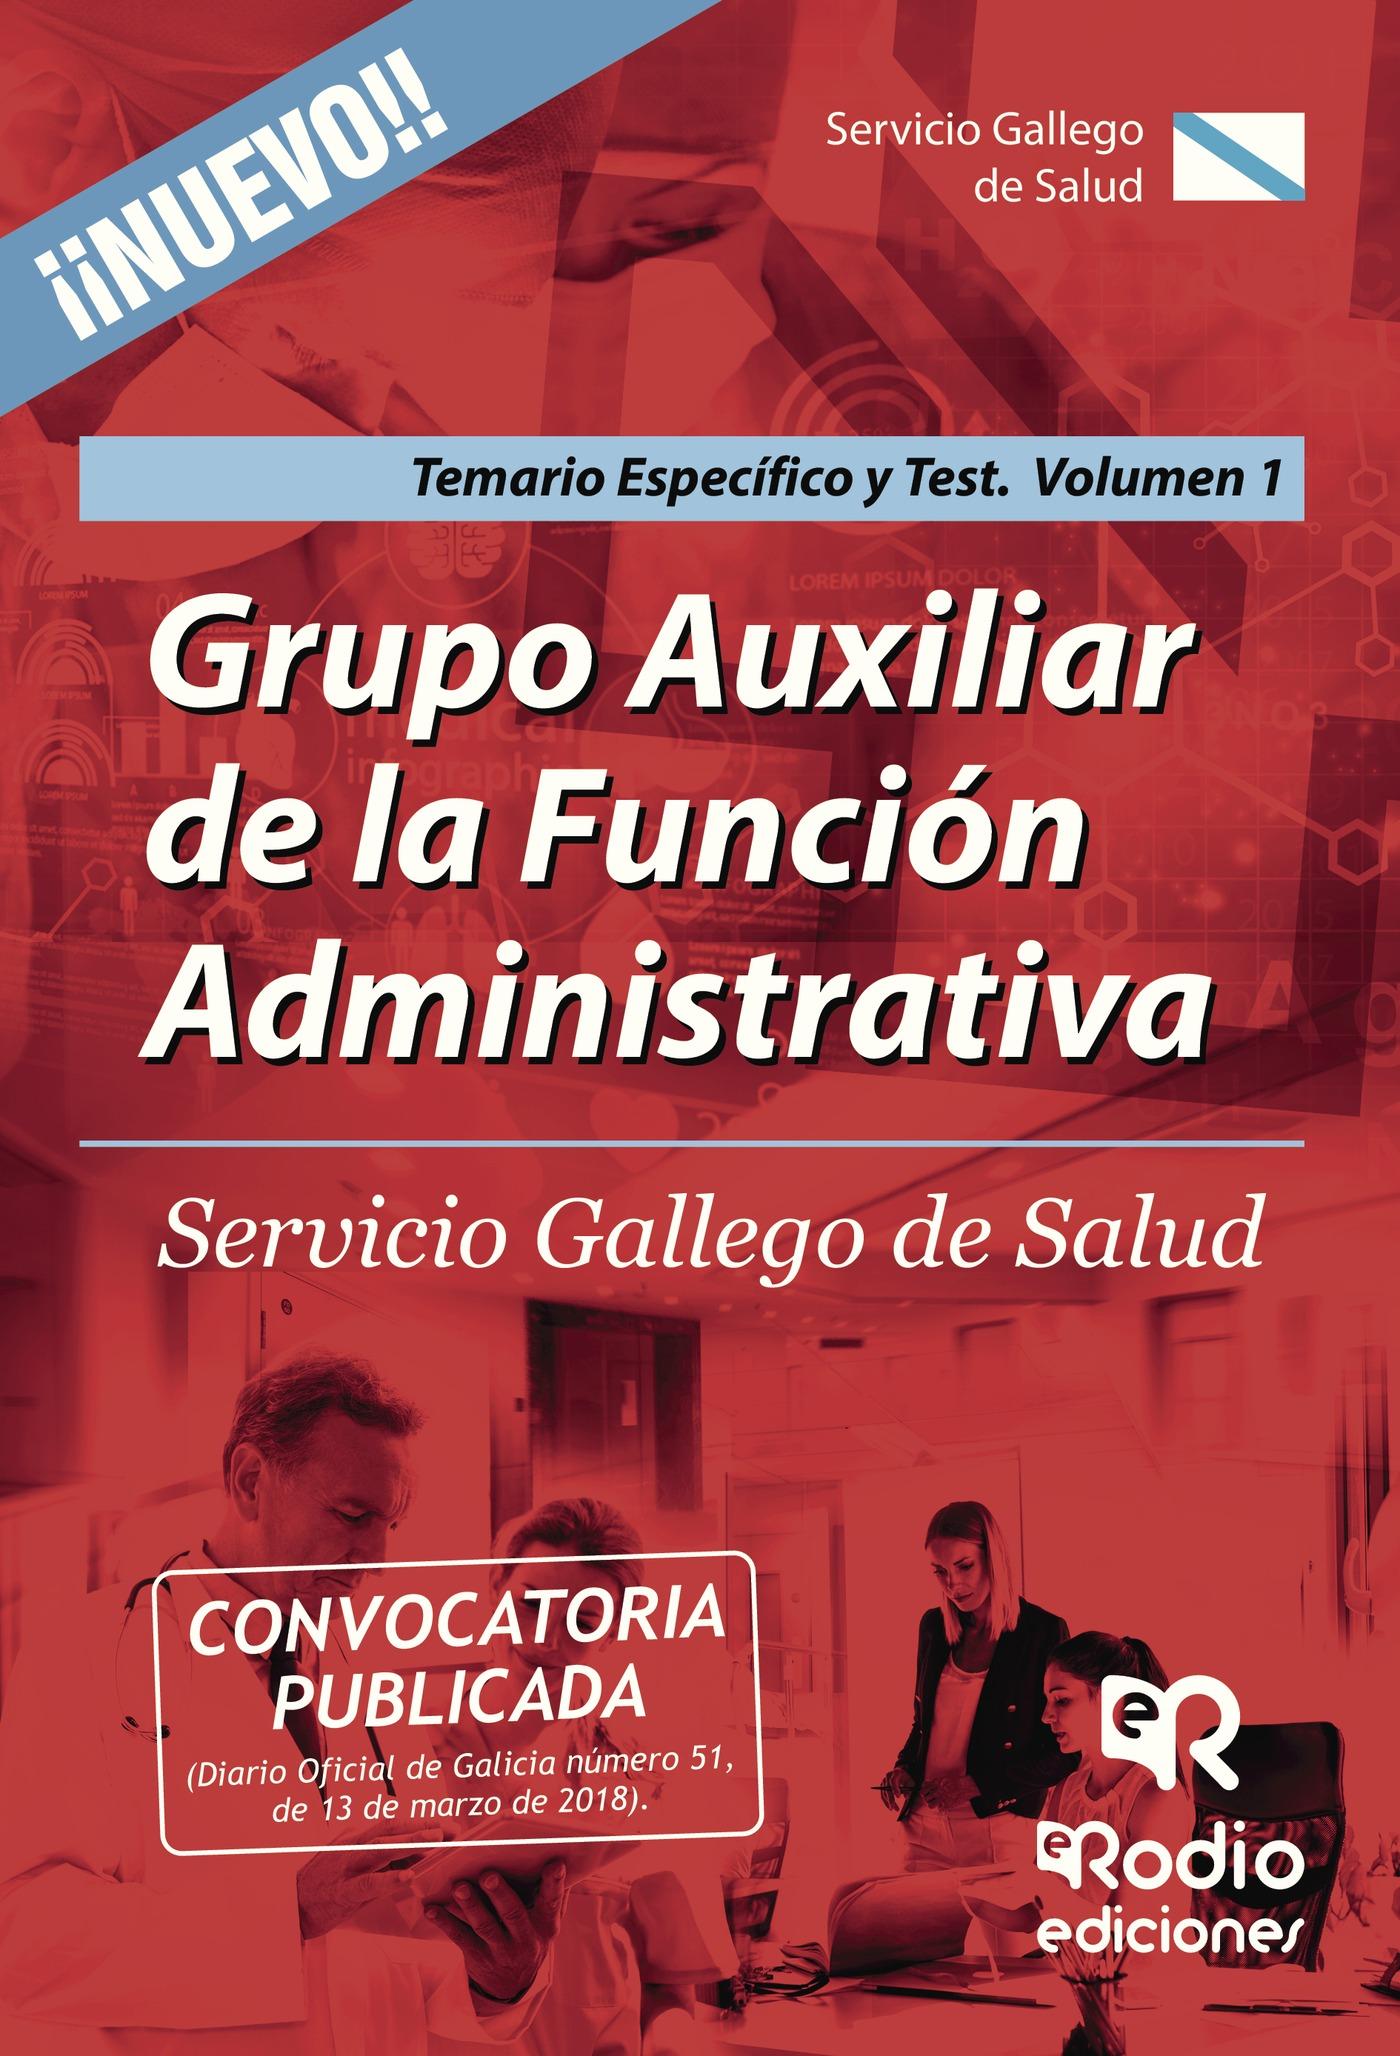 Grupo Auxiliar De La Función Administrativa Del Servicio Gallego De Salud. Temario Específico Y Test. Volumen 1. por Vv.aa.